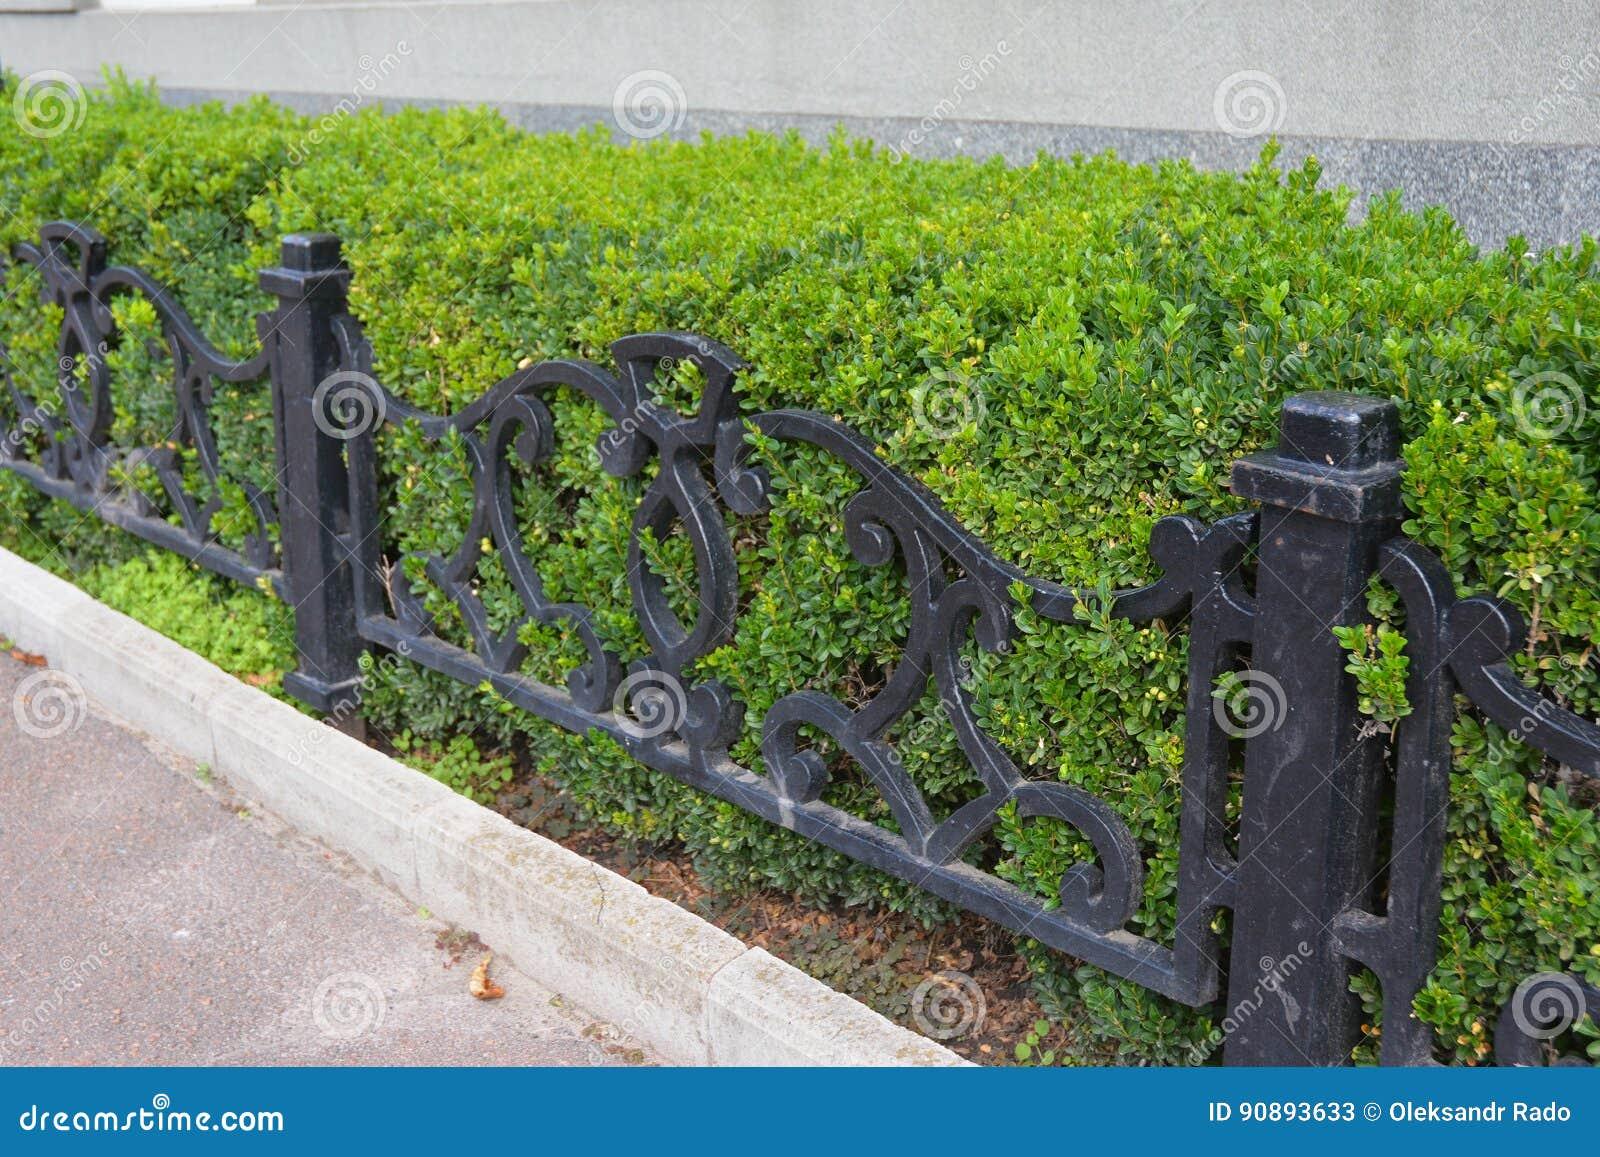 Front Yard Landscape Design mit Buchsbaum-Hecken Buchsbaum-Hecke mit kleinem Metallzaun Lebender Zaun